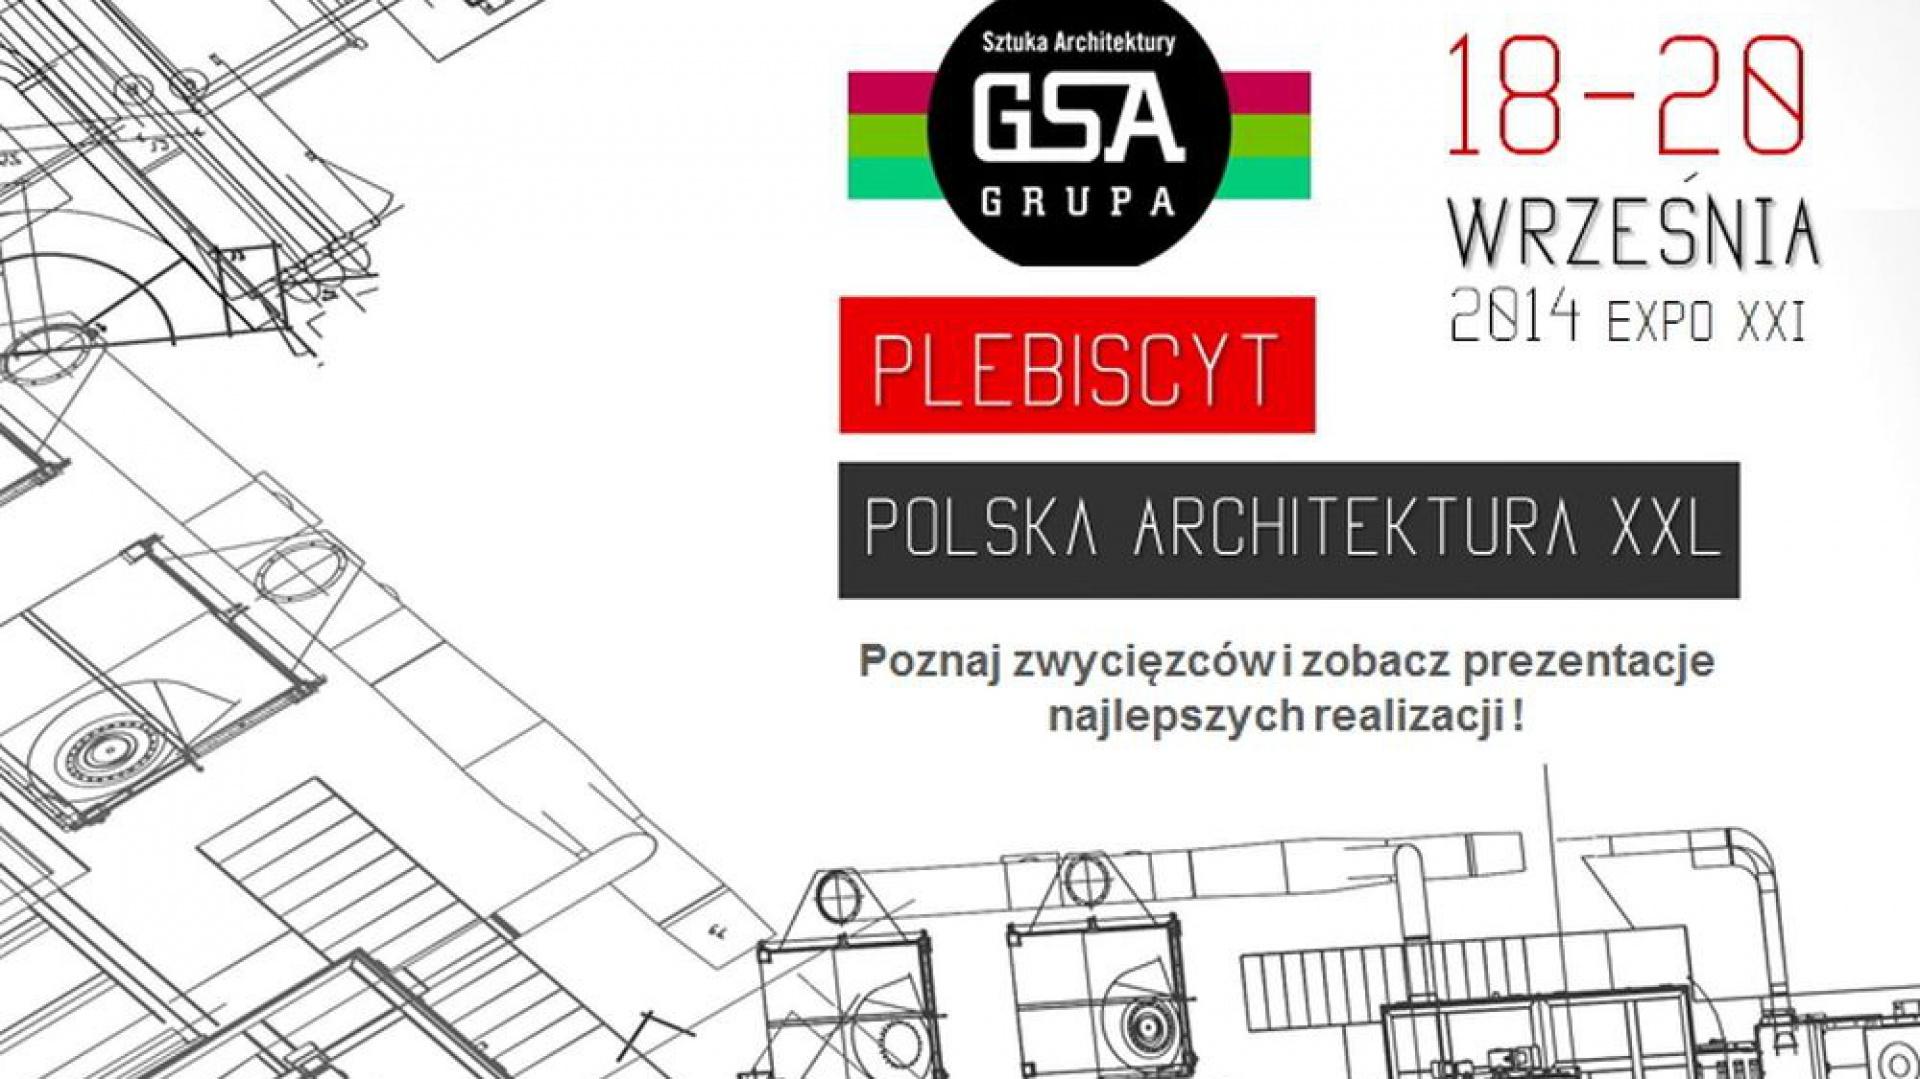 plebiscyt-_polska-architektura.jpg